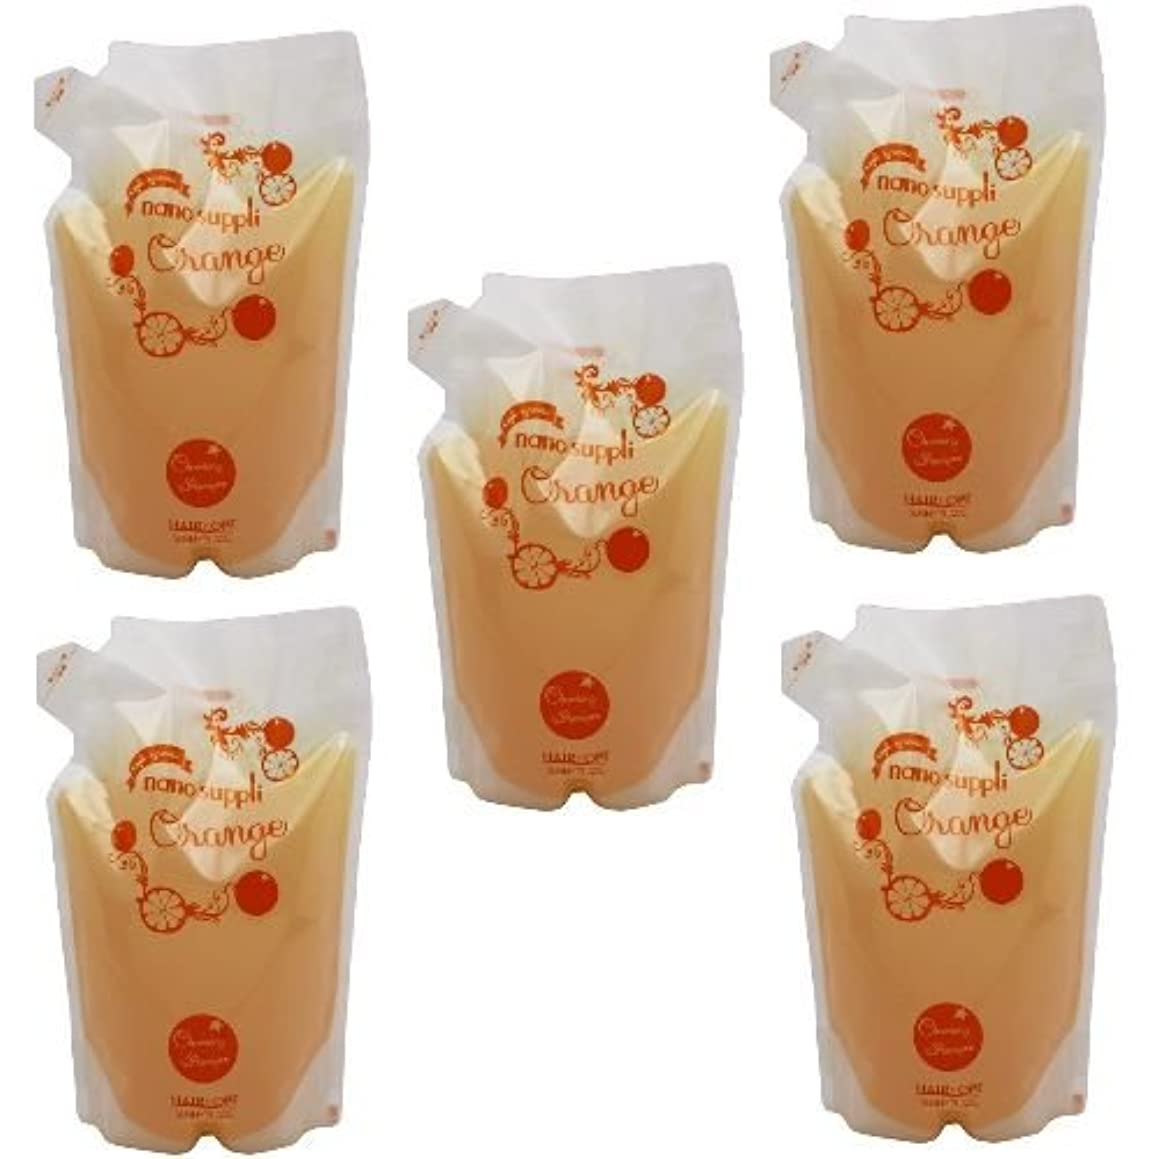 商品ワームセラー【x5個セット】 サニープレイス ナノサプリ ヘアクレンジングシャンプー オレンジ 800ml (詰替用)